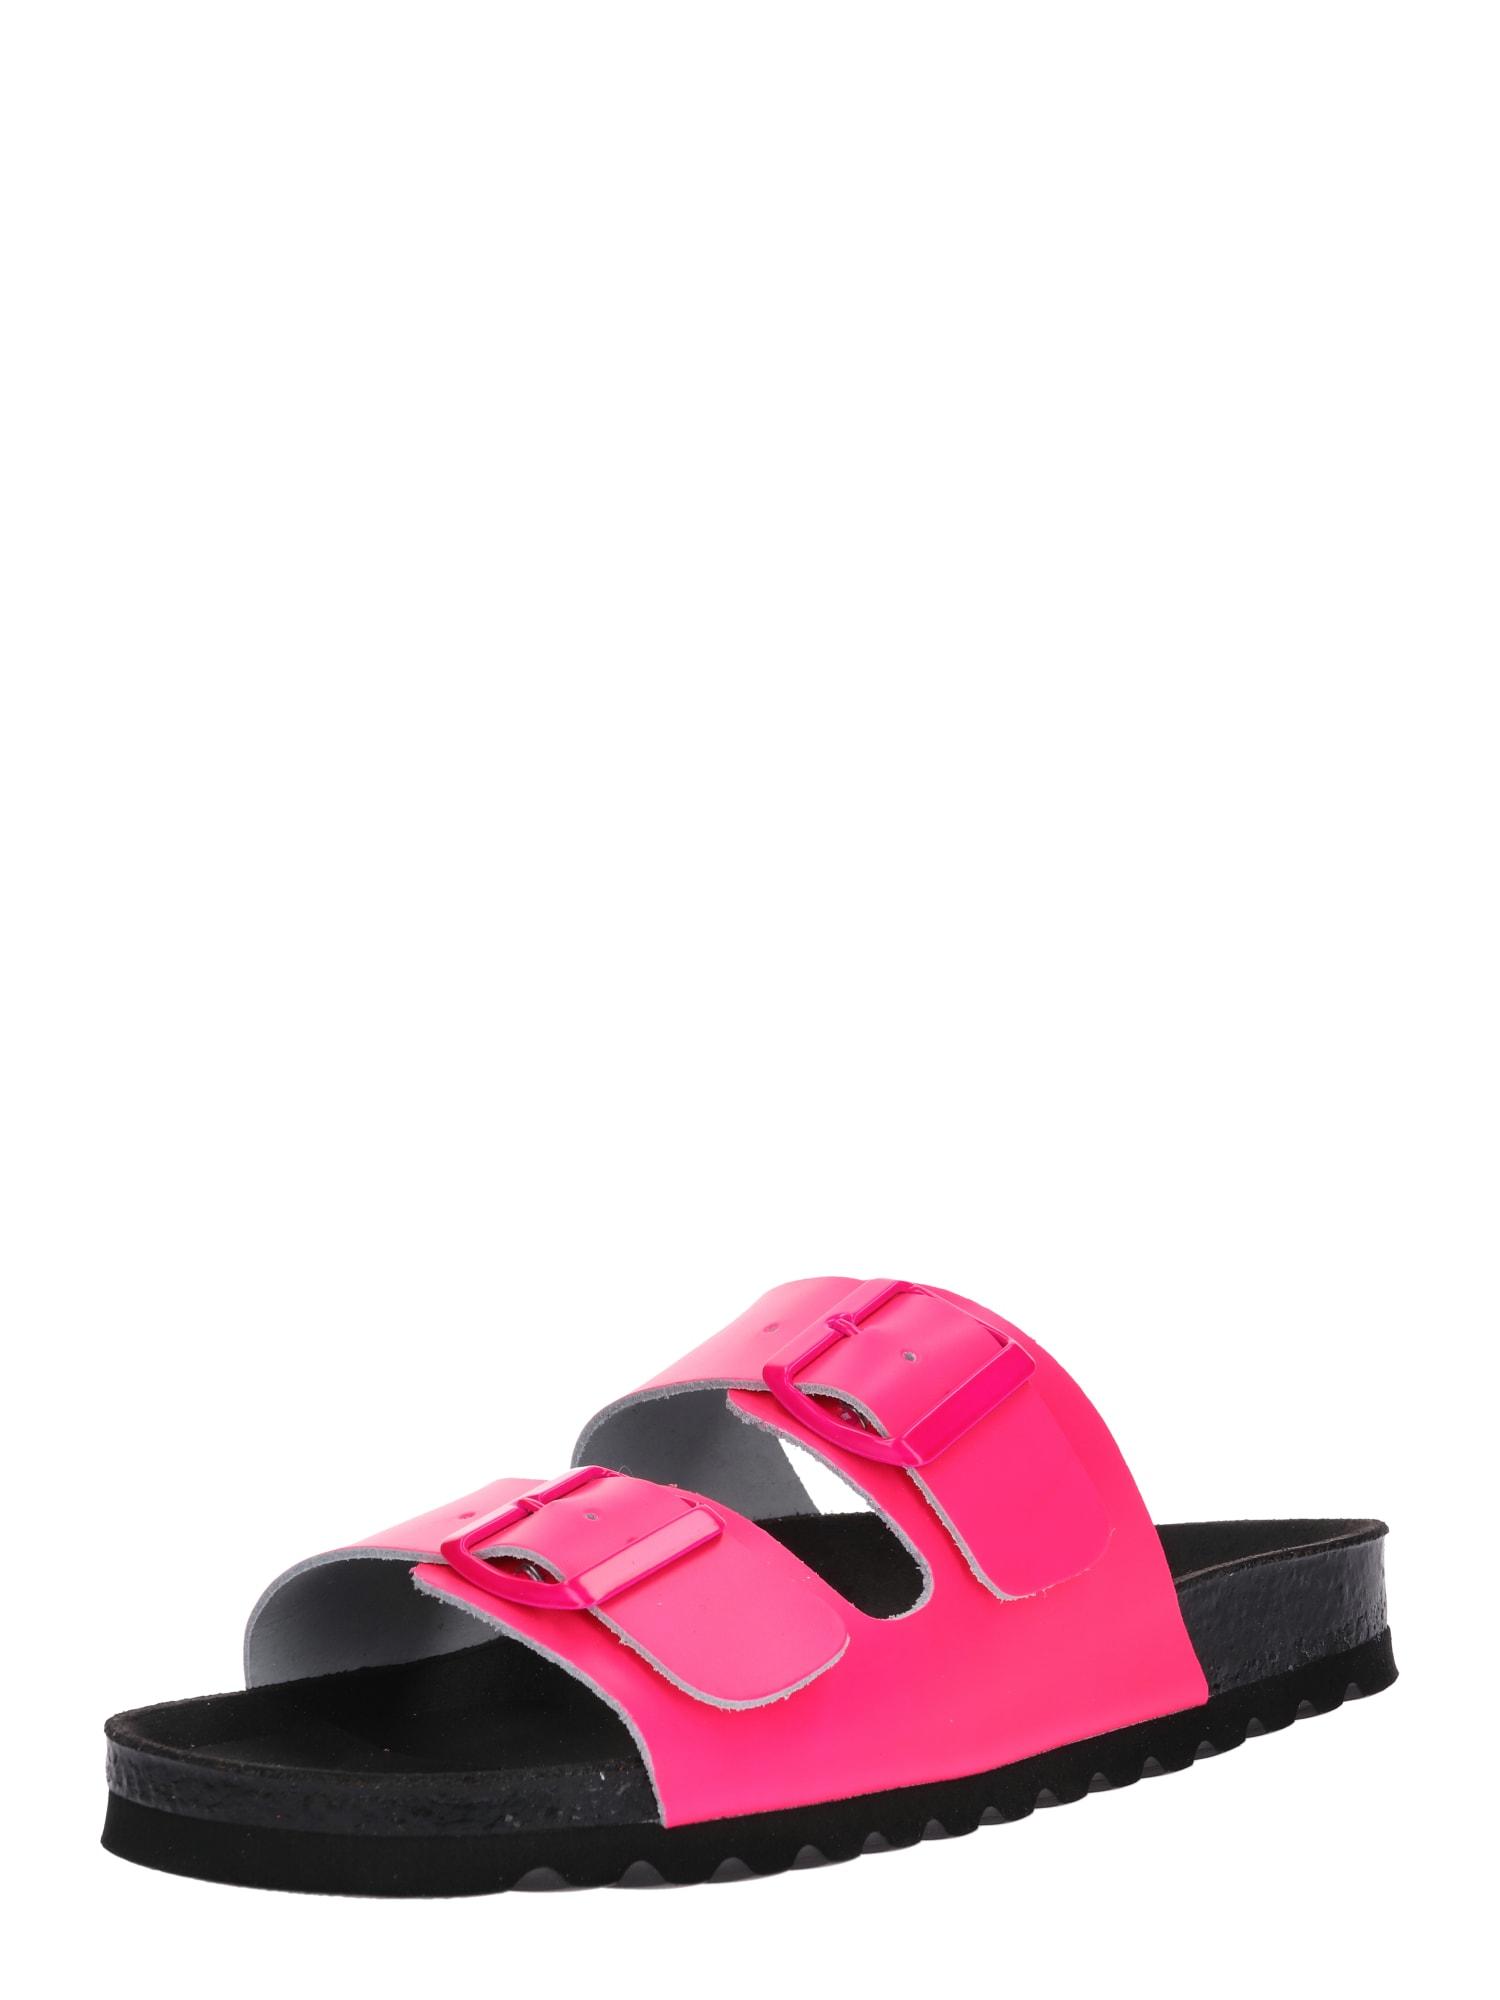 Sandály LUNA svítivě růžová černá VERO MODA